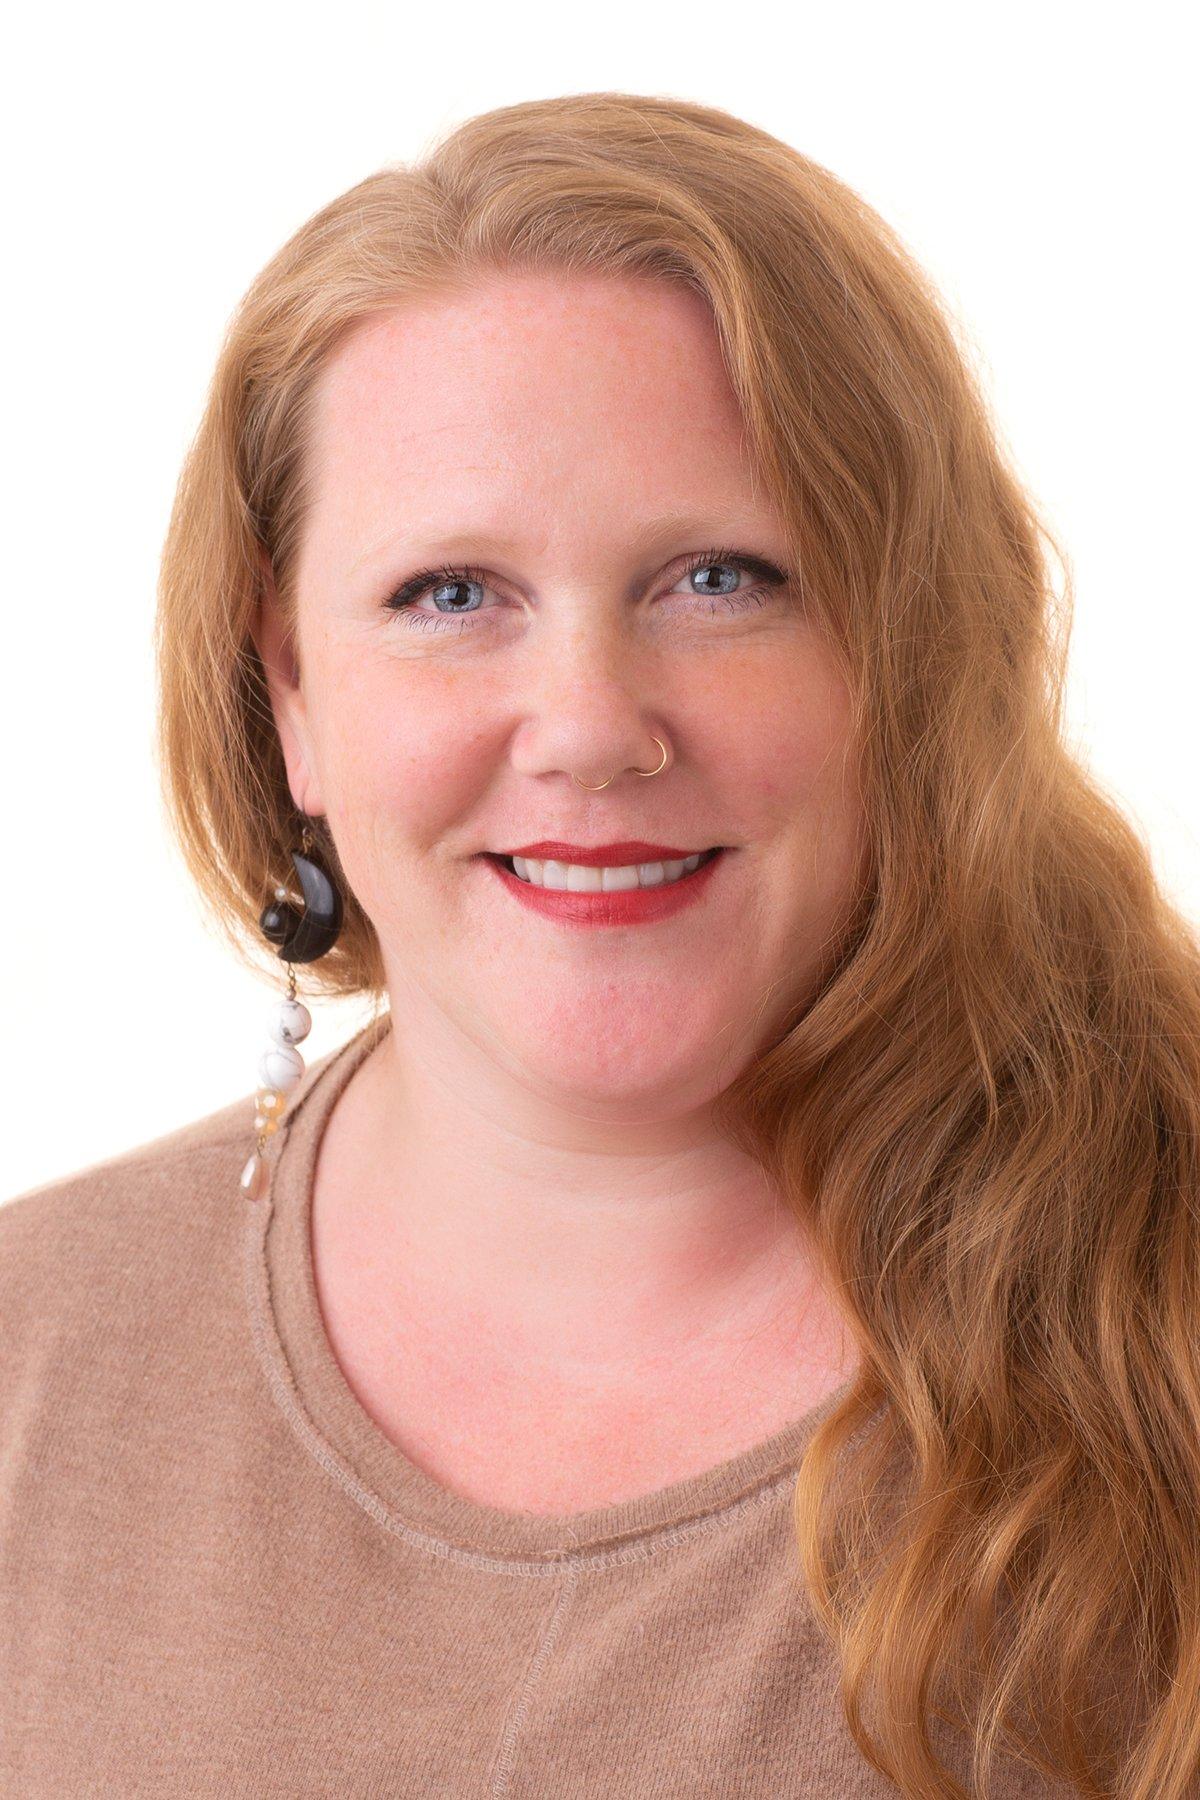 Caitlin Halterman